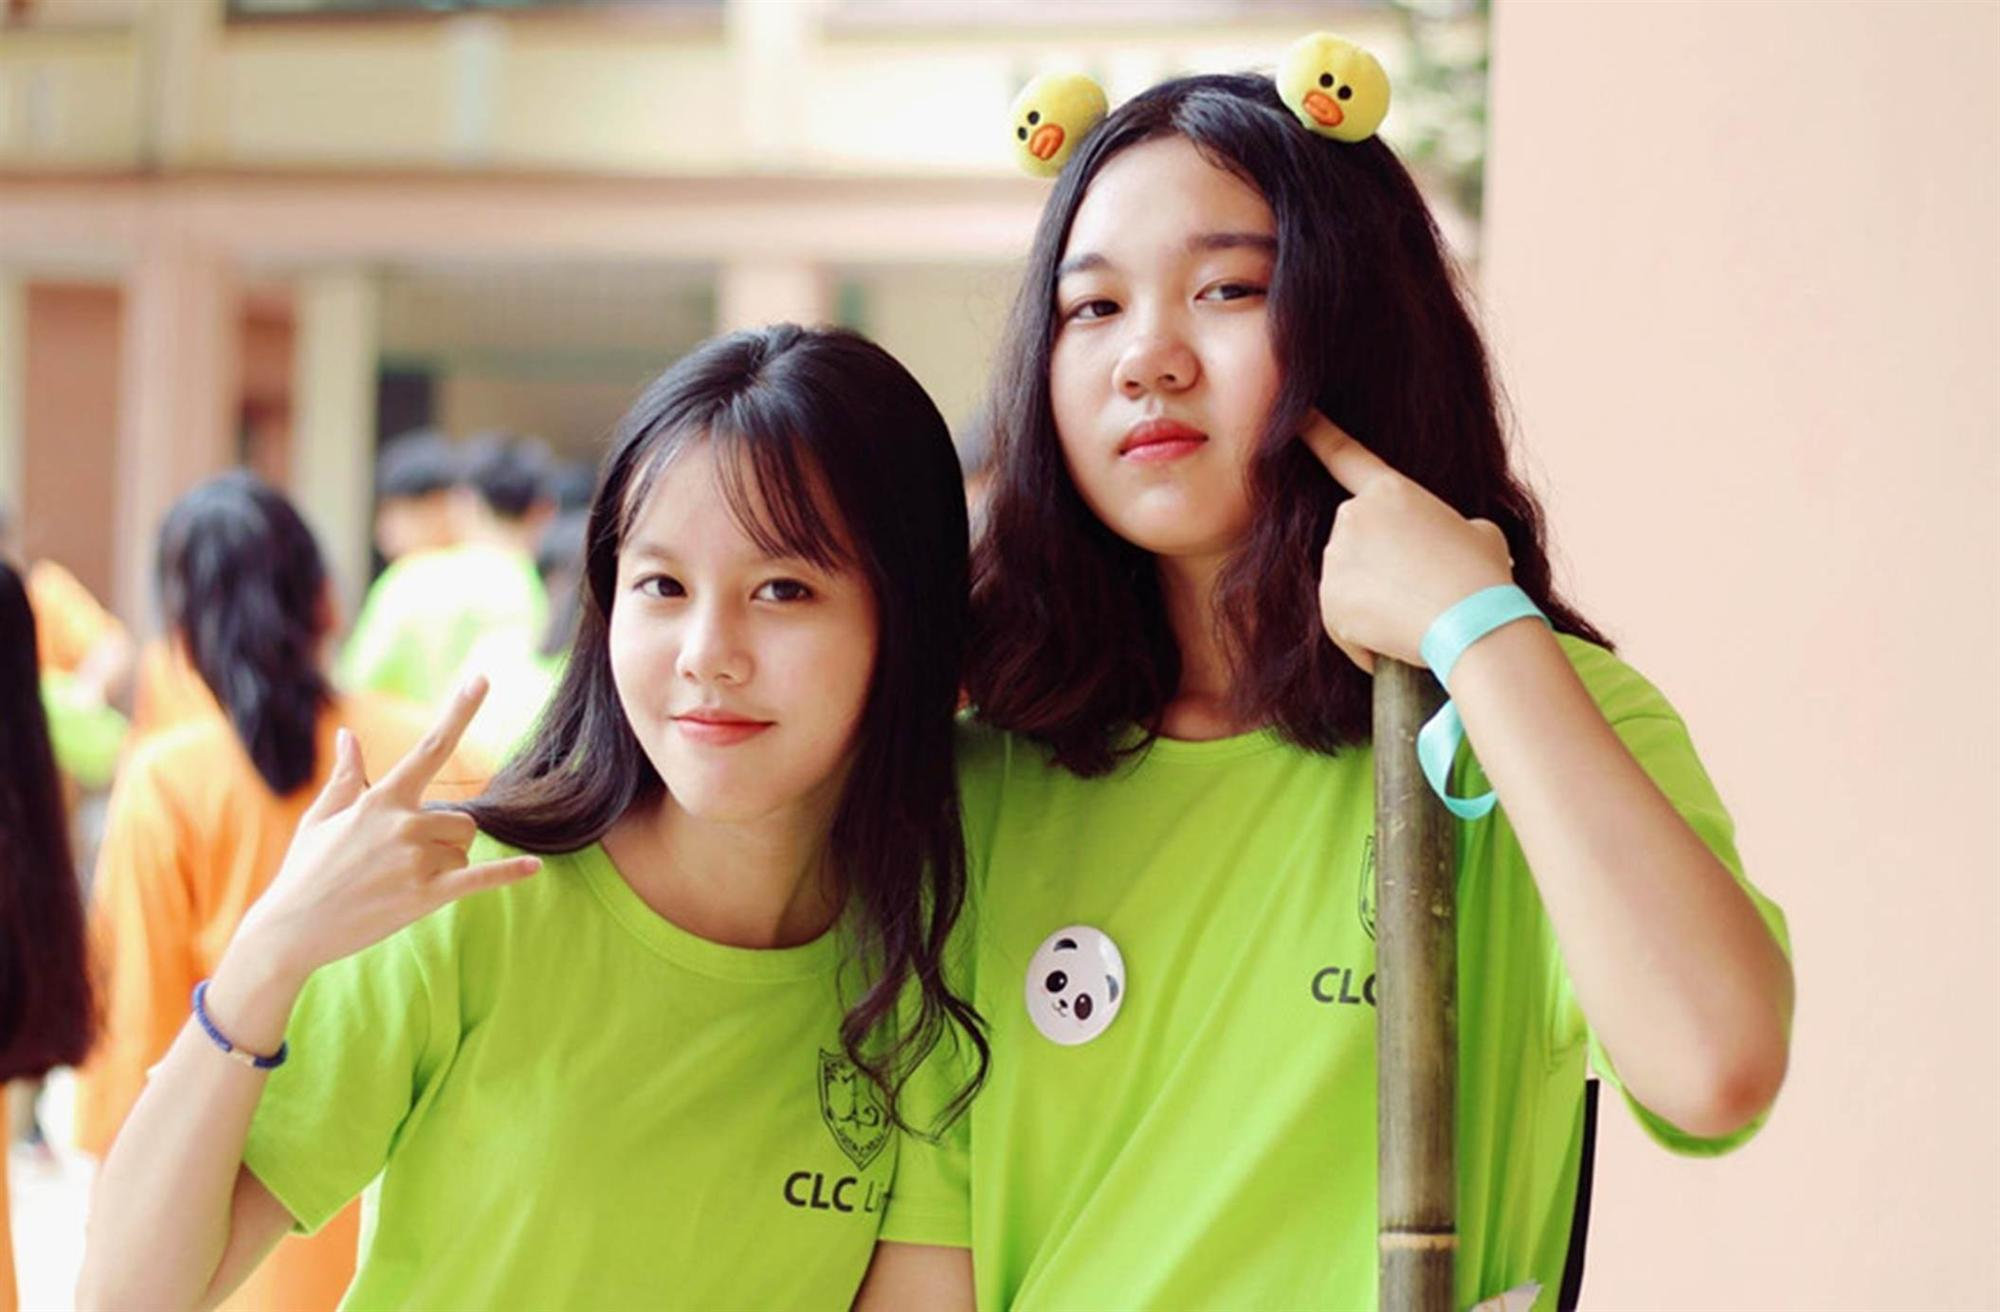 Nữ sinh chuyên Lào Cai nhận học bổng của 6 trường đại học Mỹ-5